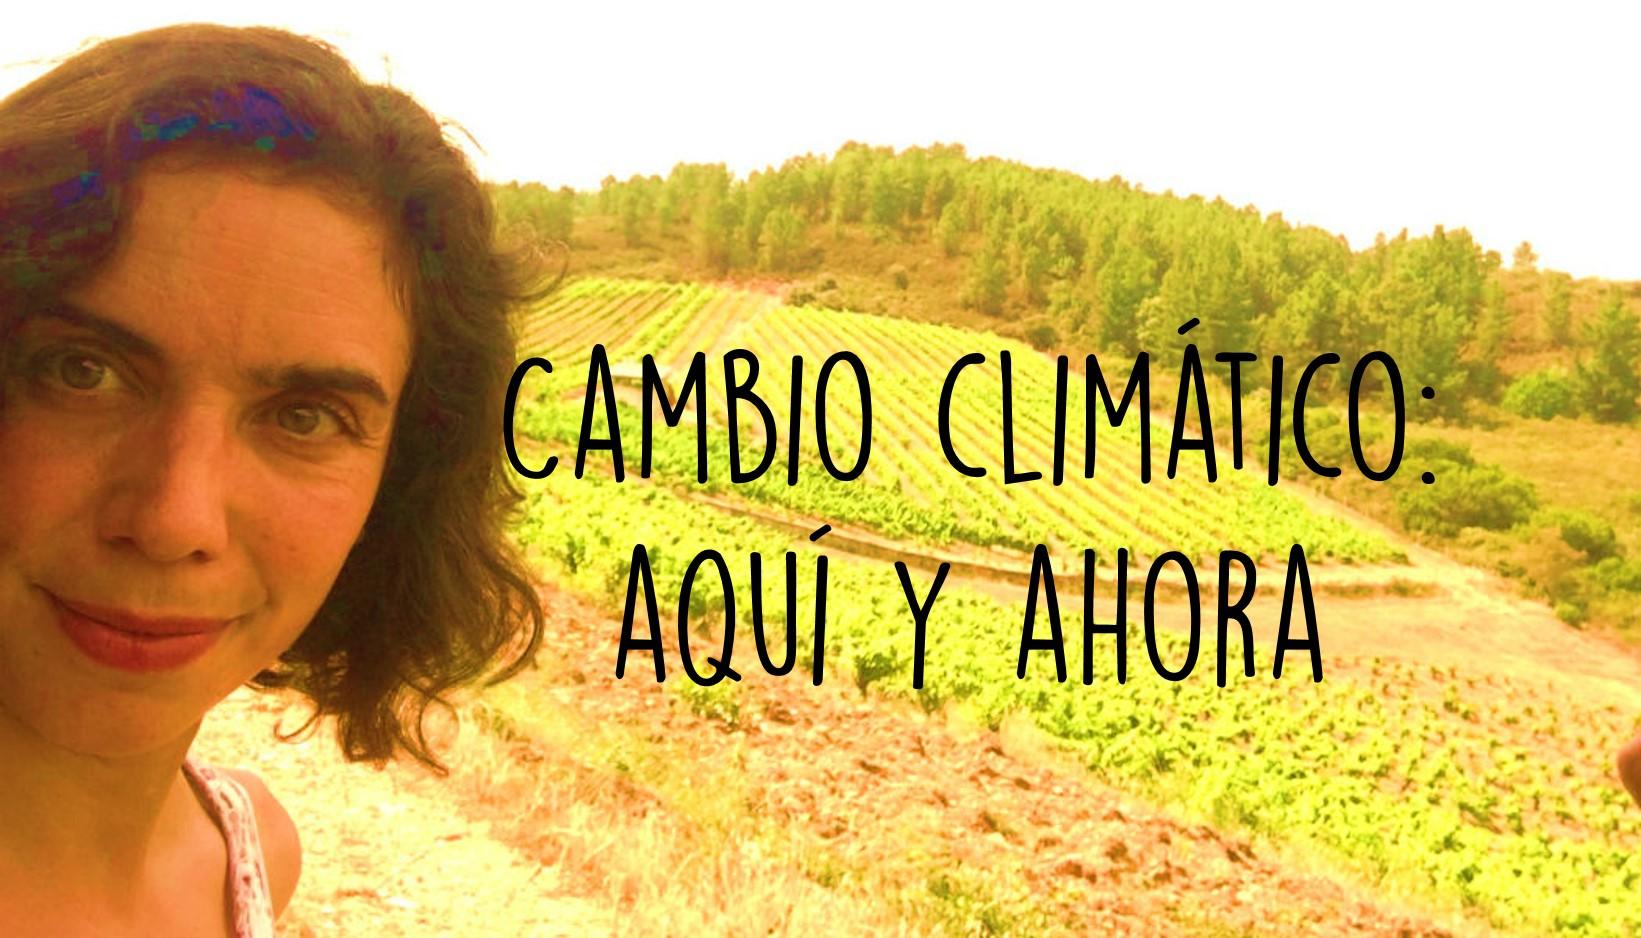 Cambio climático y vino: Aquí y ahora